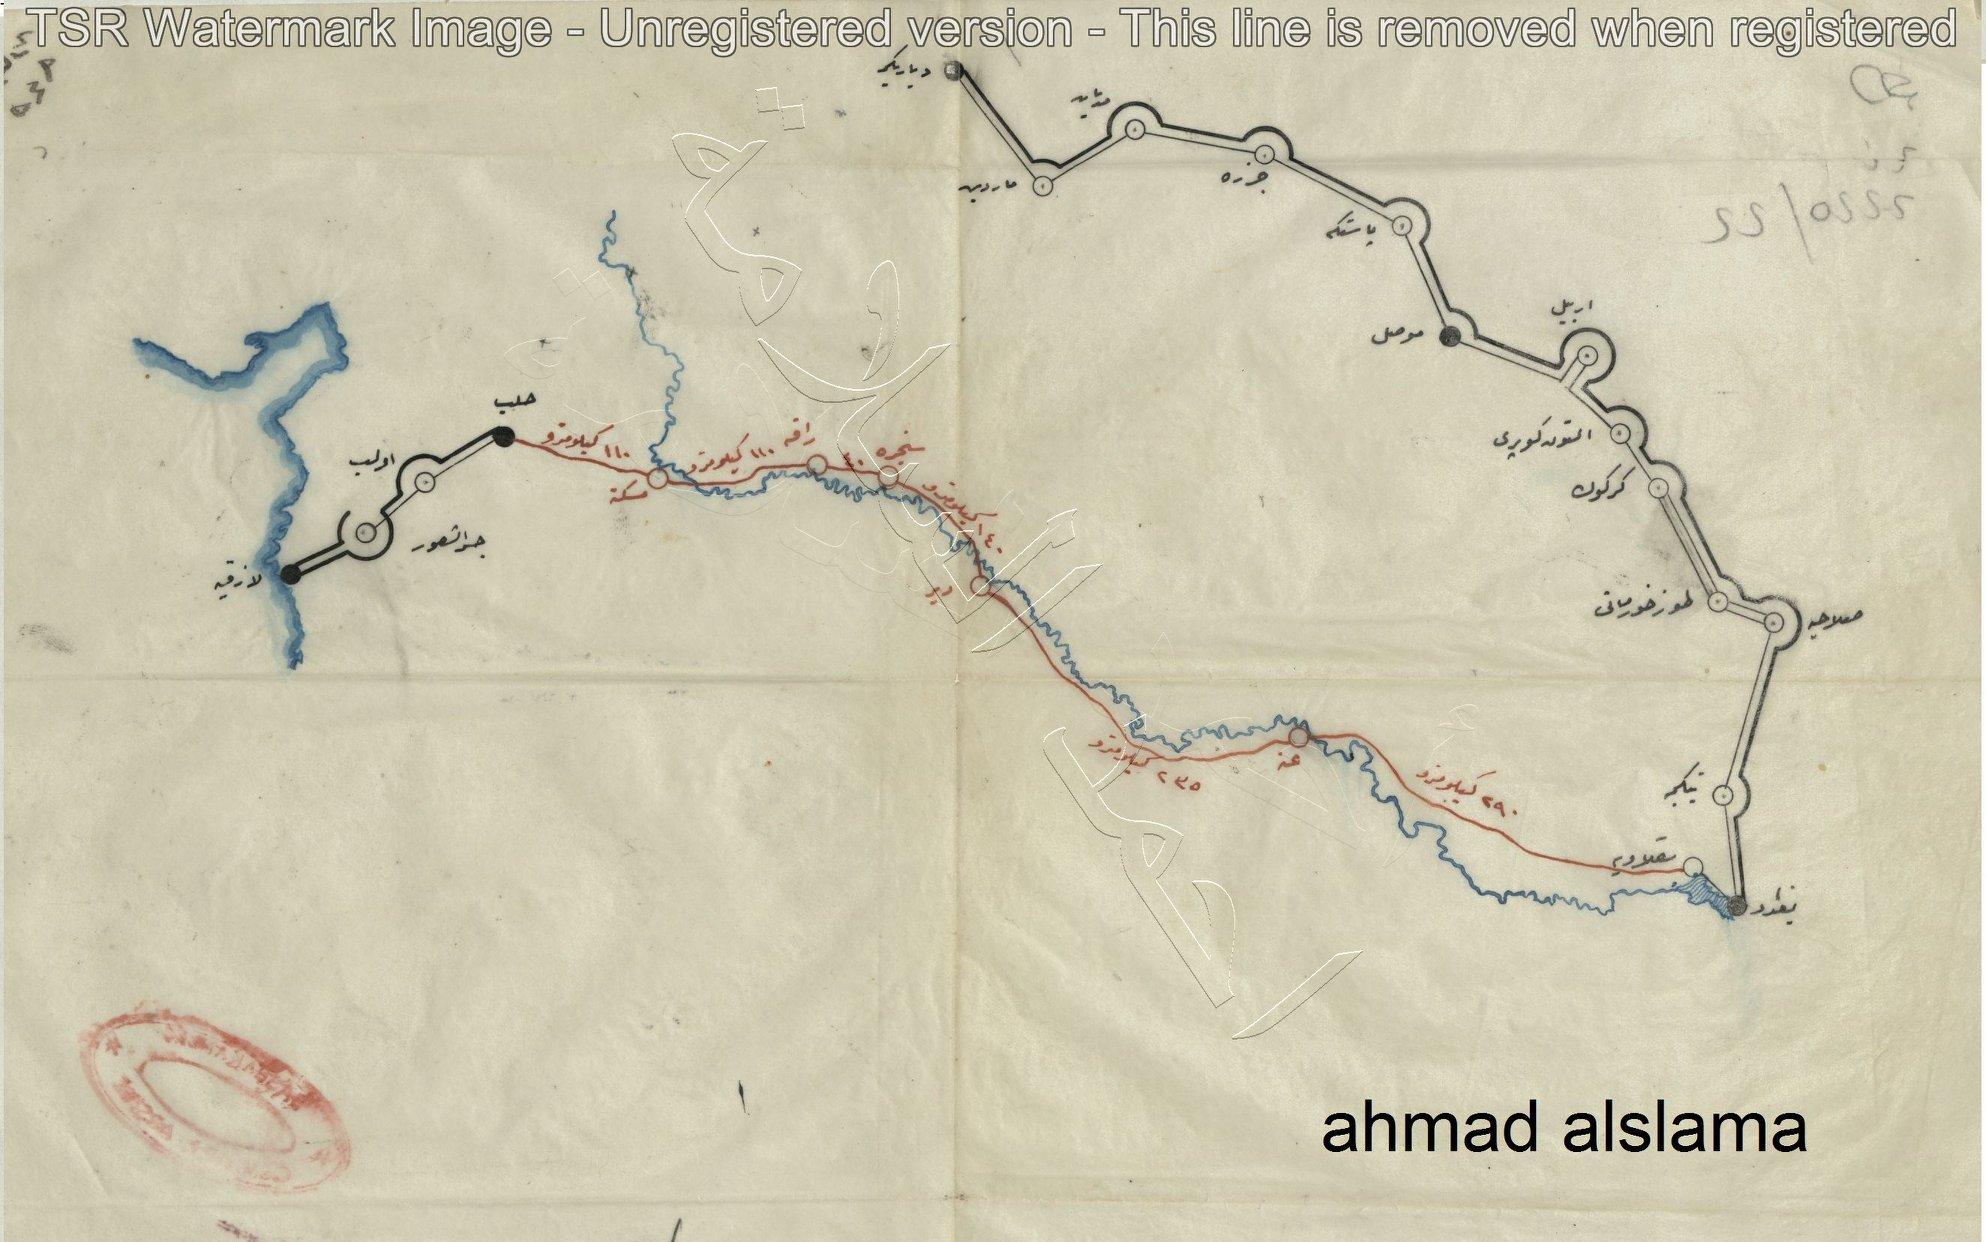 من الأرشيف العثماني 1890 - خريطة للسكة الحديدية المقترحة من حلب الى بغداد